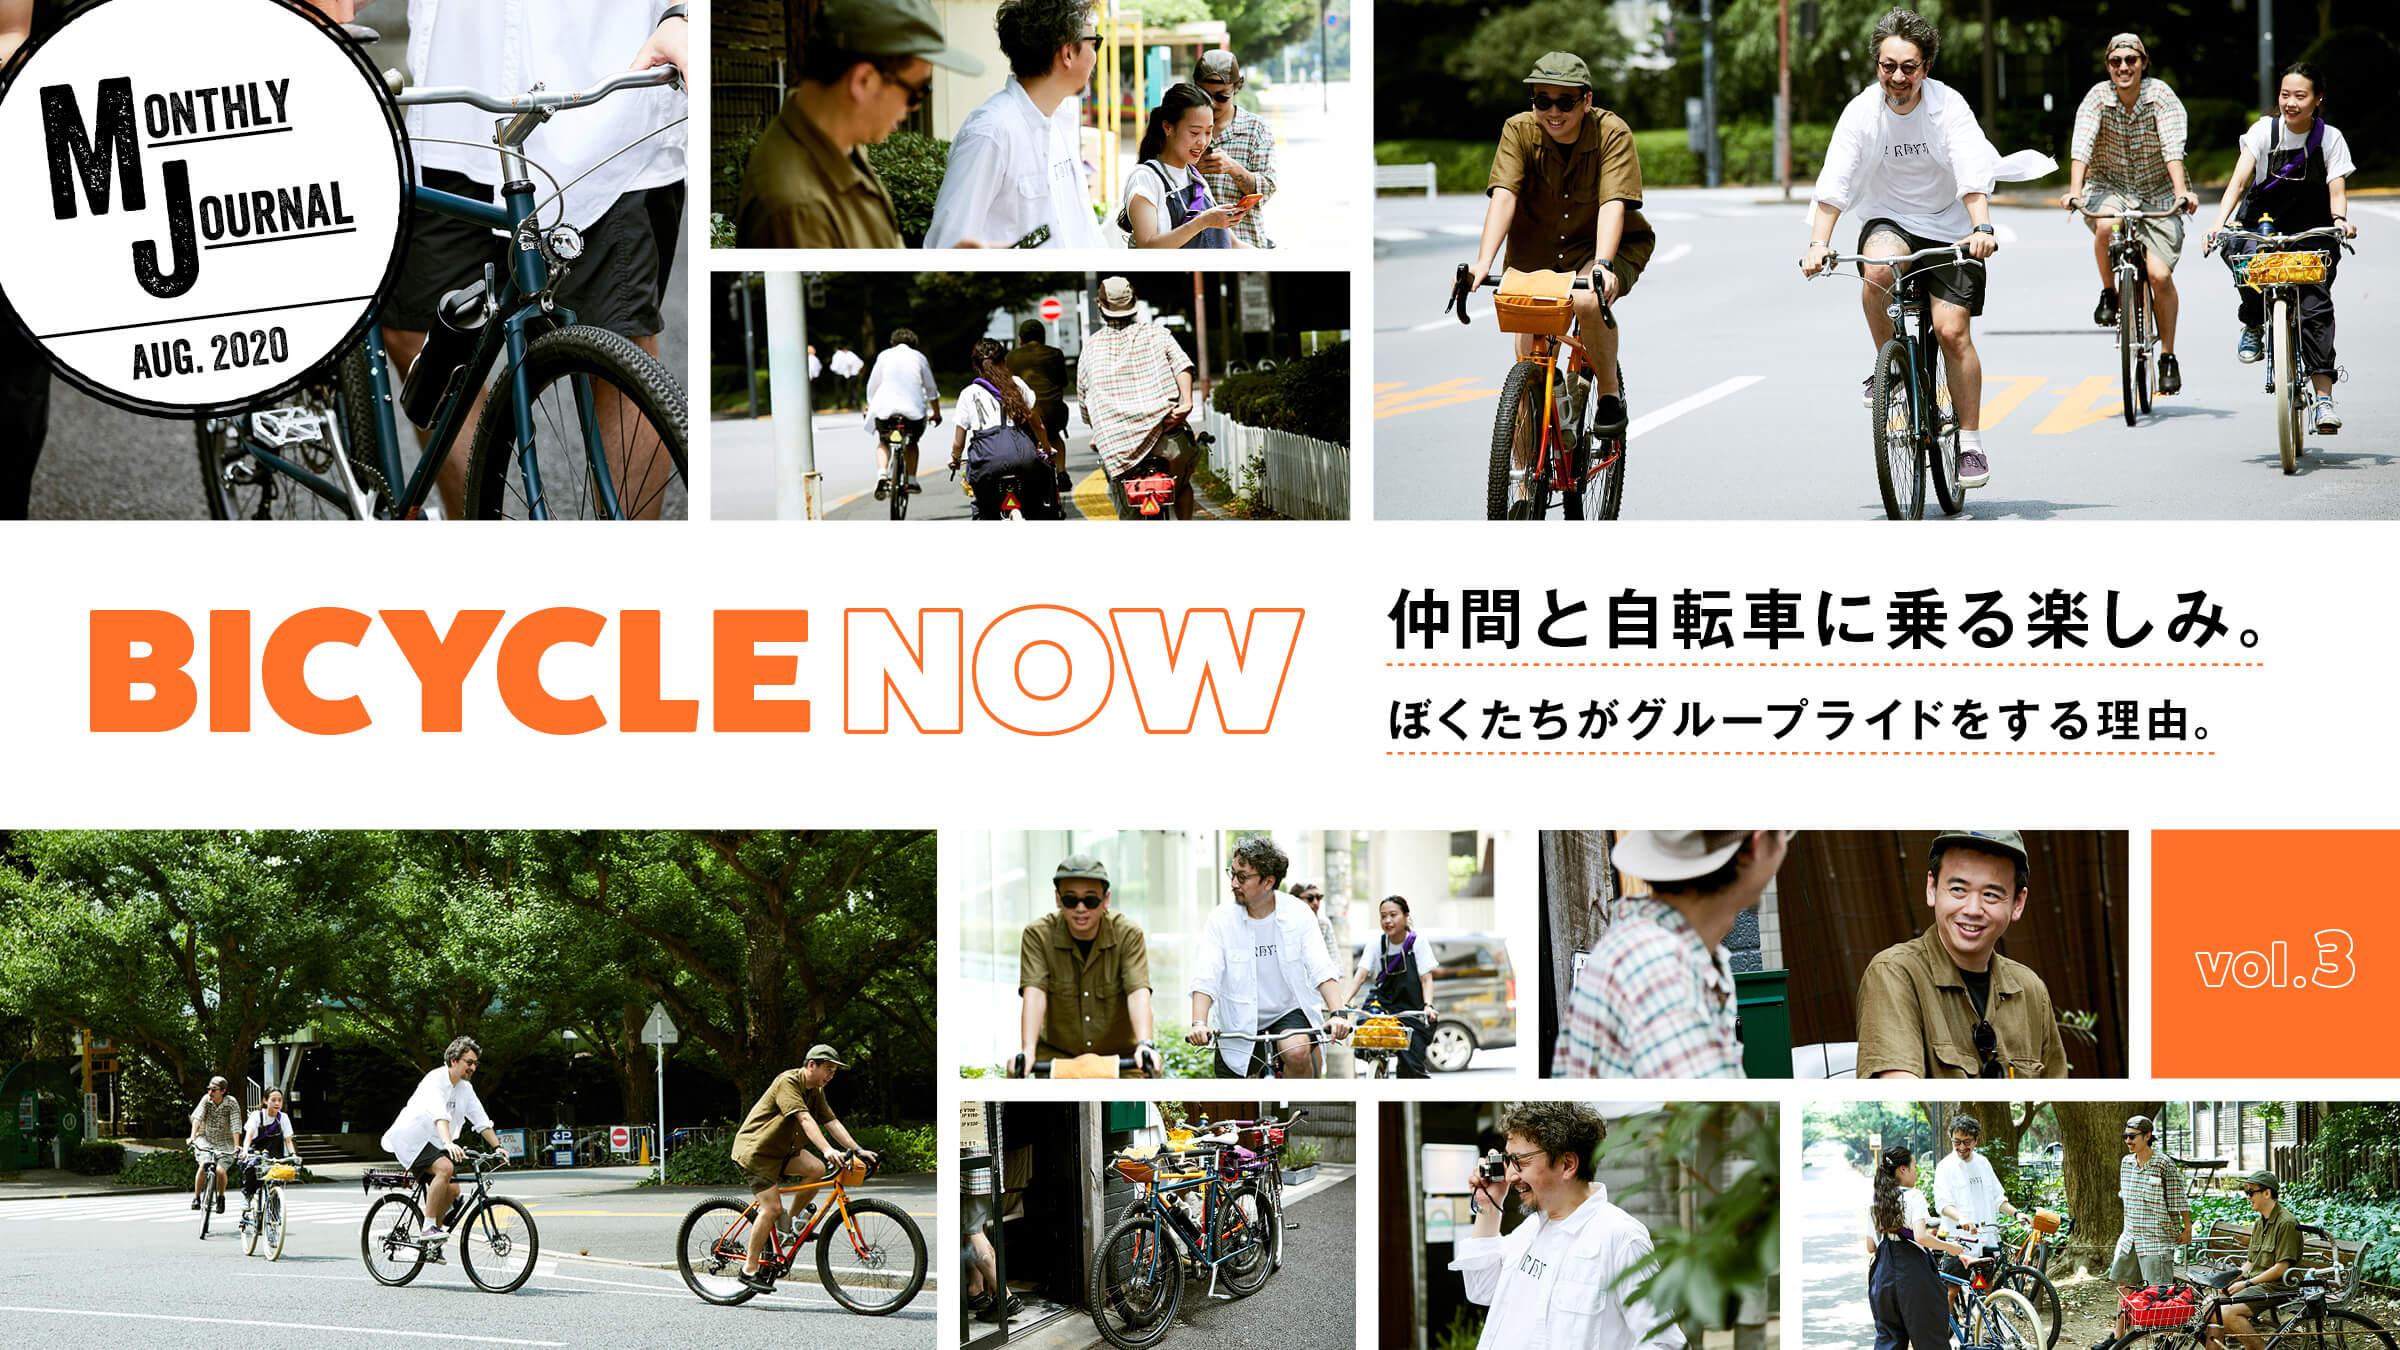 BICYCLE NOW vol.3仲間と自転車に乗る楽しみ。 ぼくたちがグループライドをする理由。